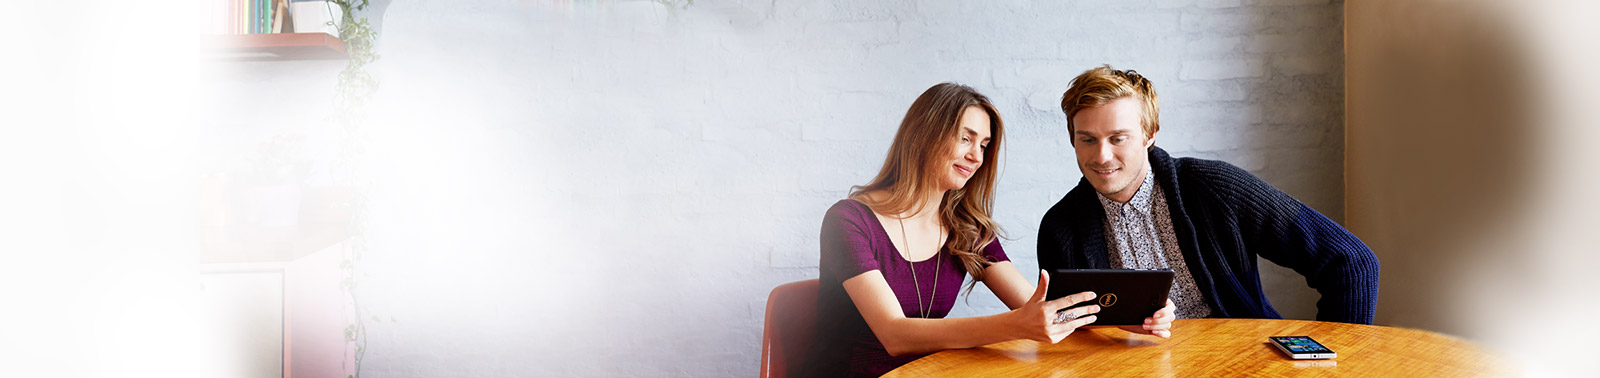 一位女士坐在桌边,手持平板电脑,并展示给她身后的一位男士。